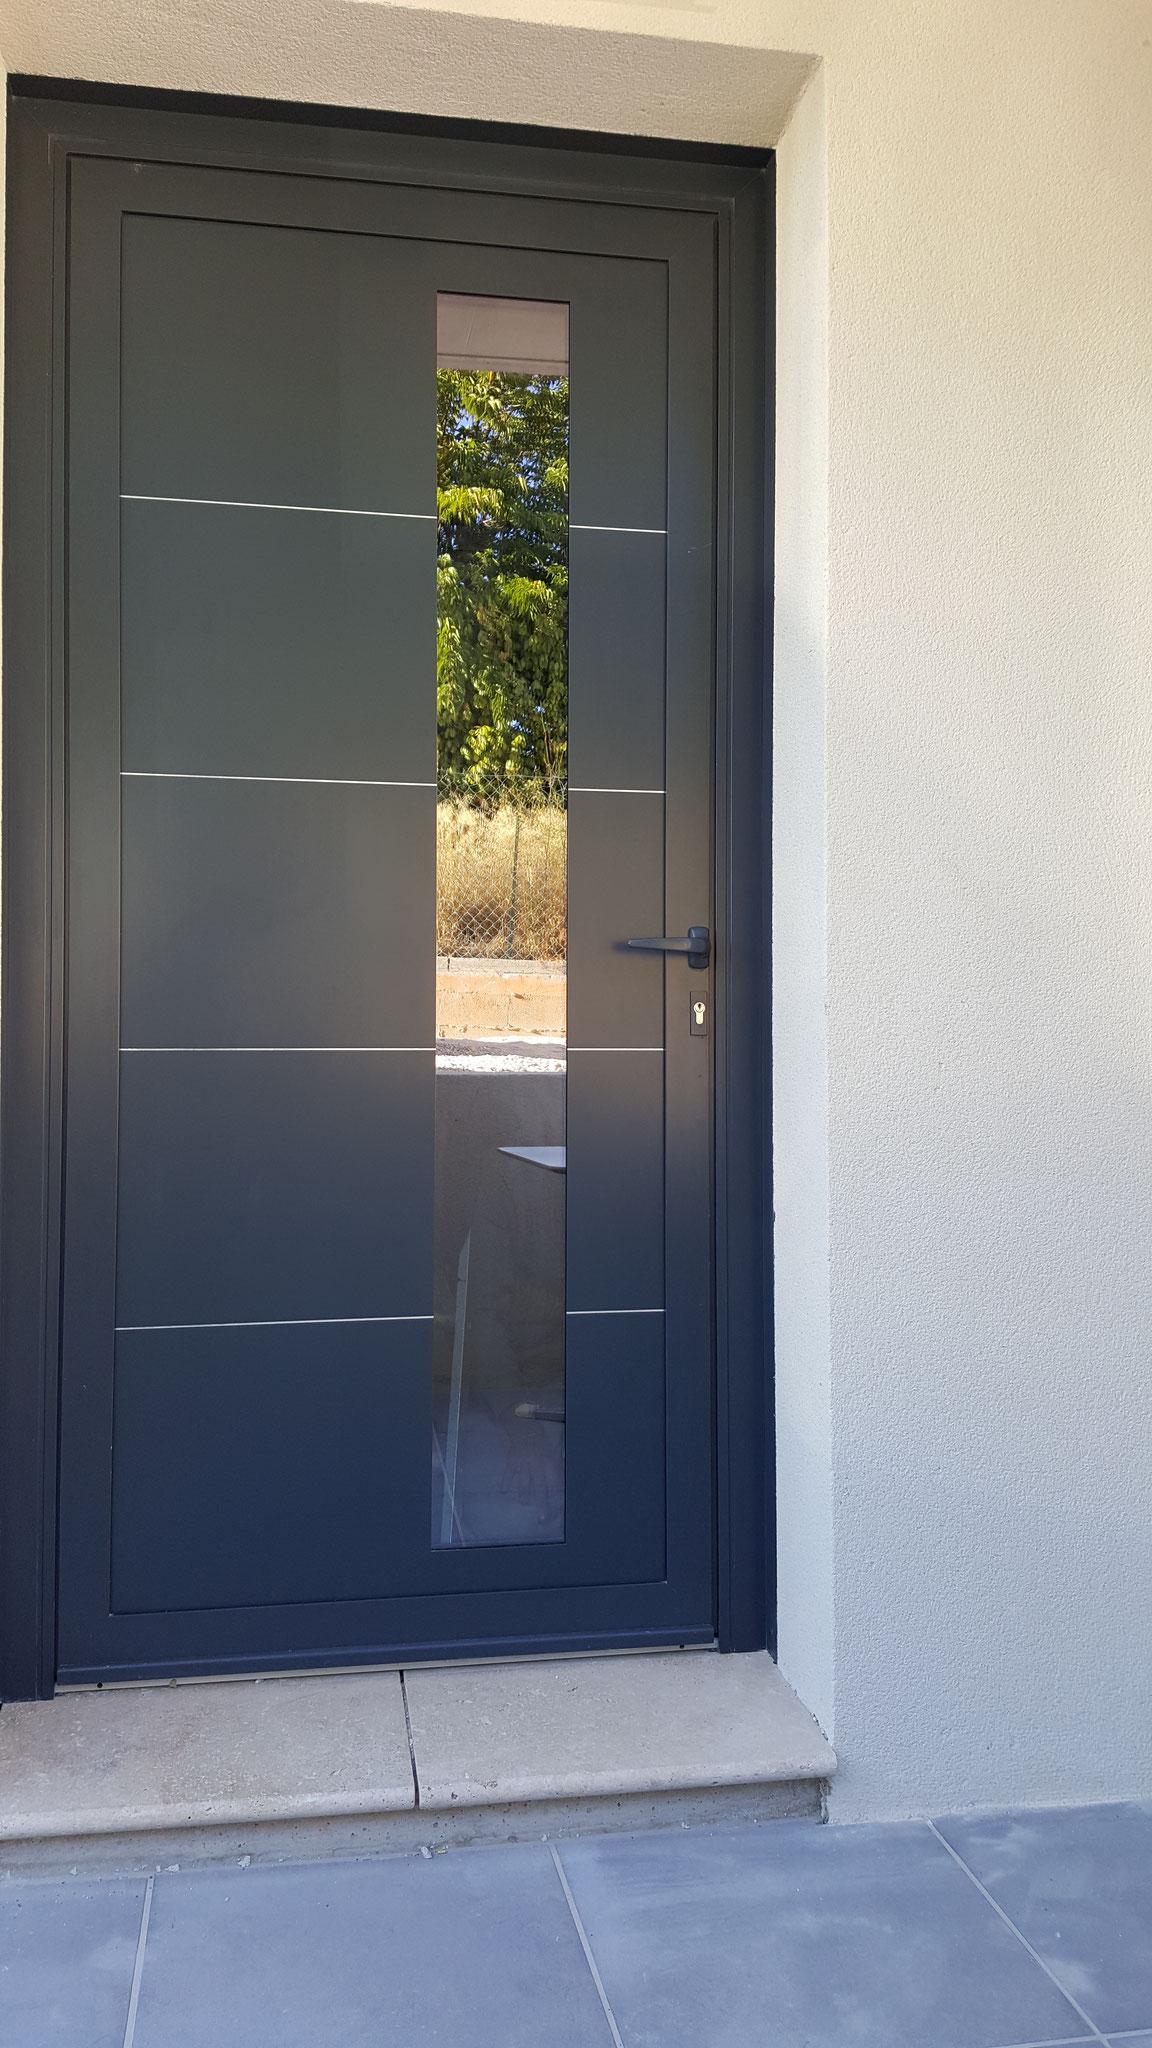 Porte d 39 entr e et porte d 39 int rieur menuiserie arts d co - Habillage interieur porte d entree ...